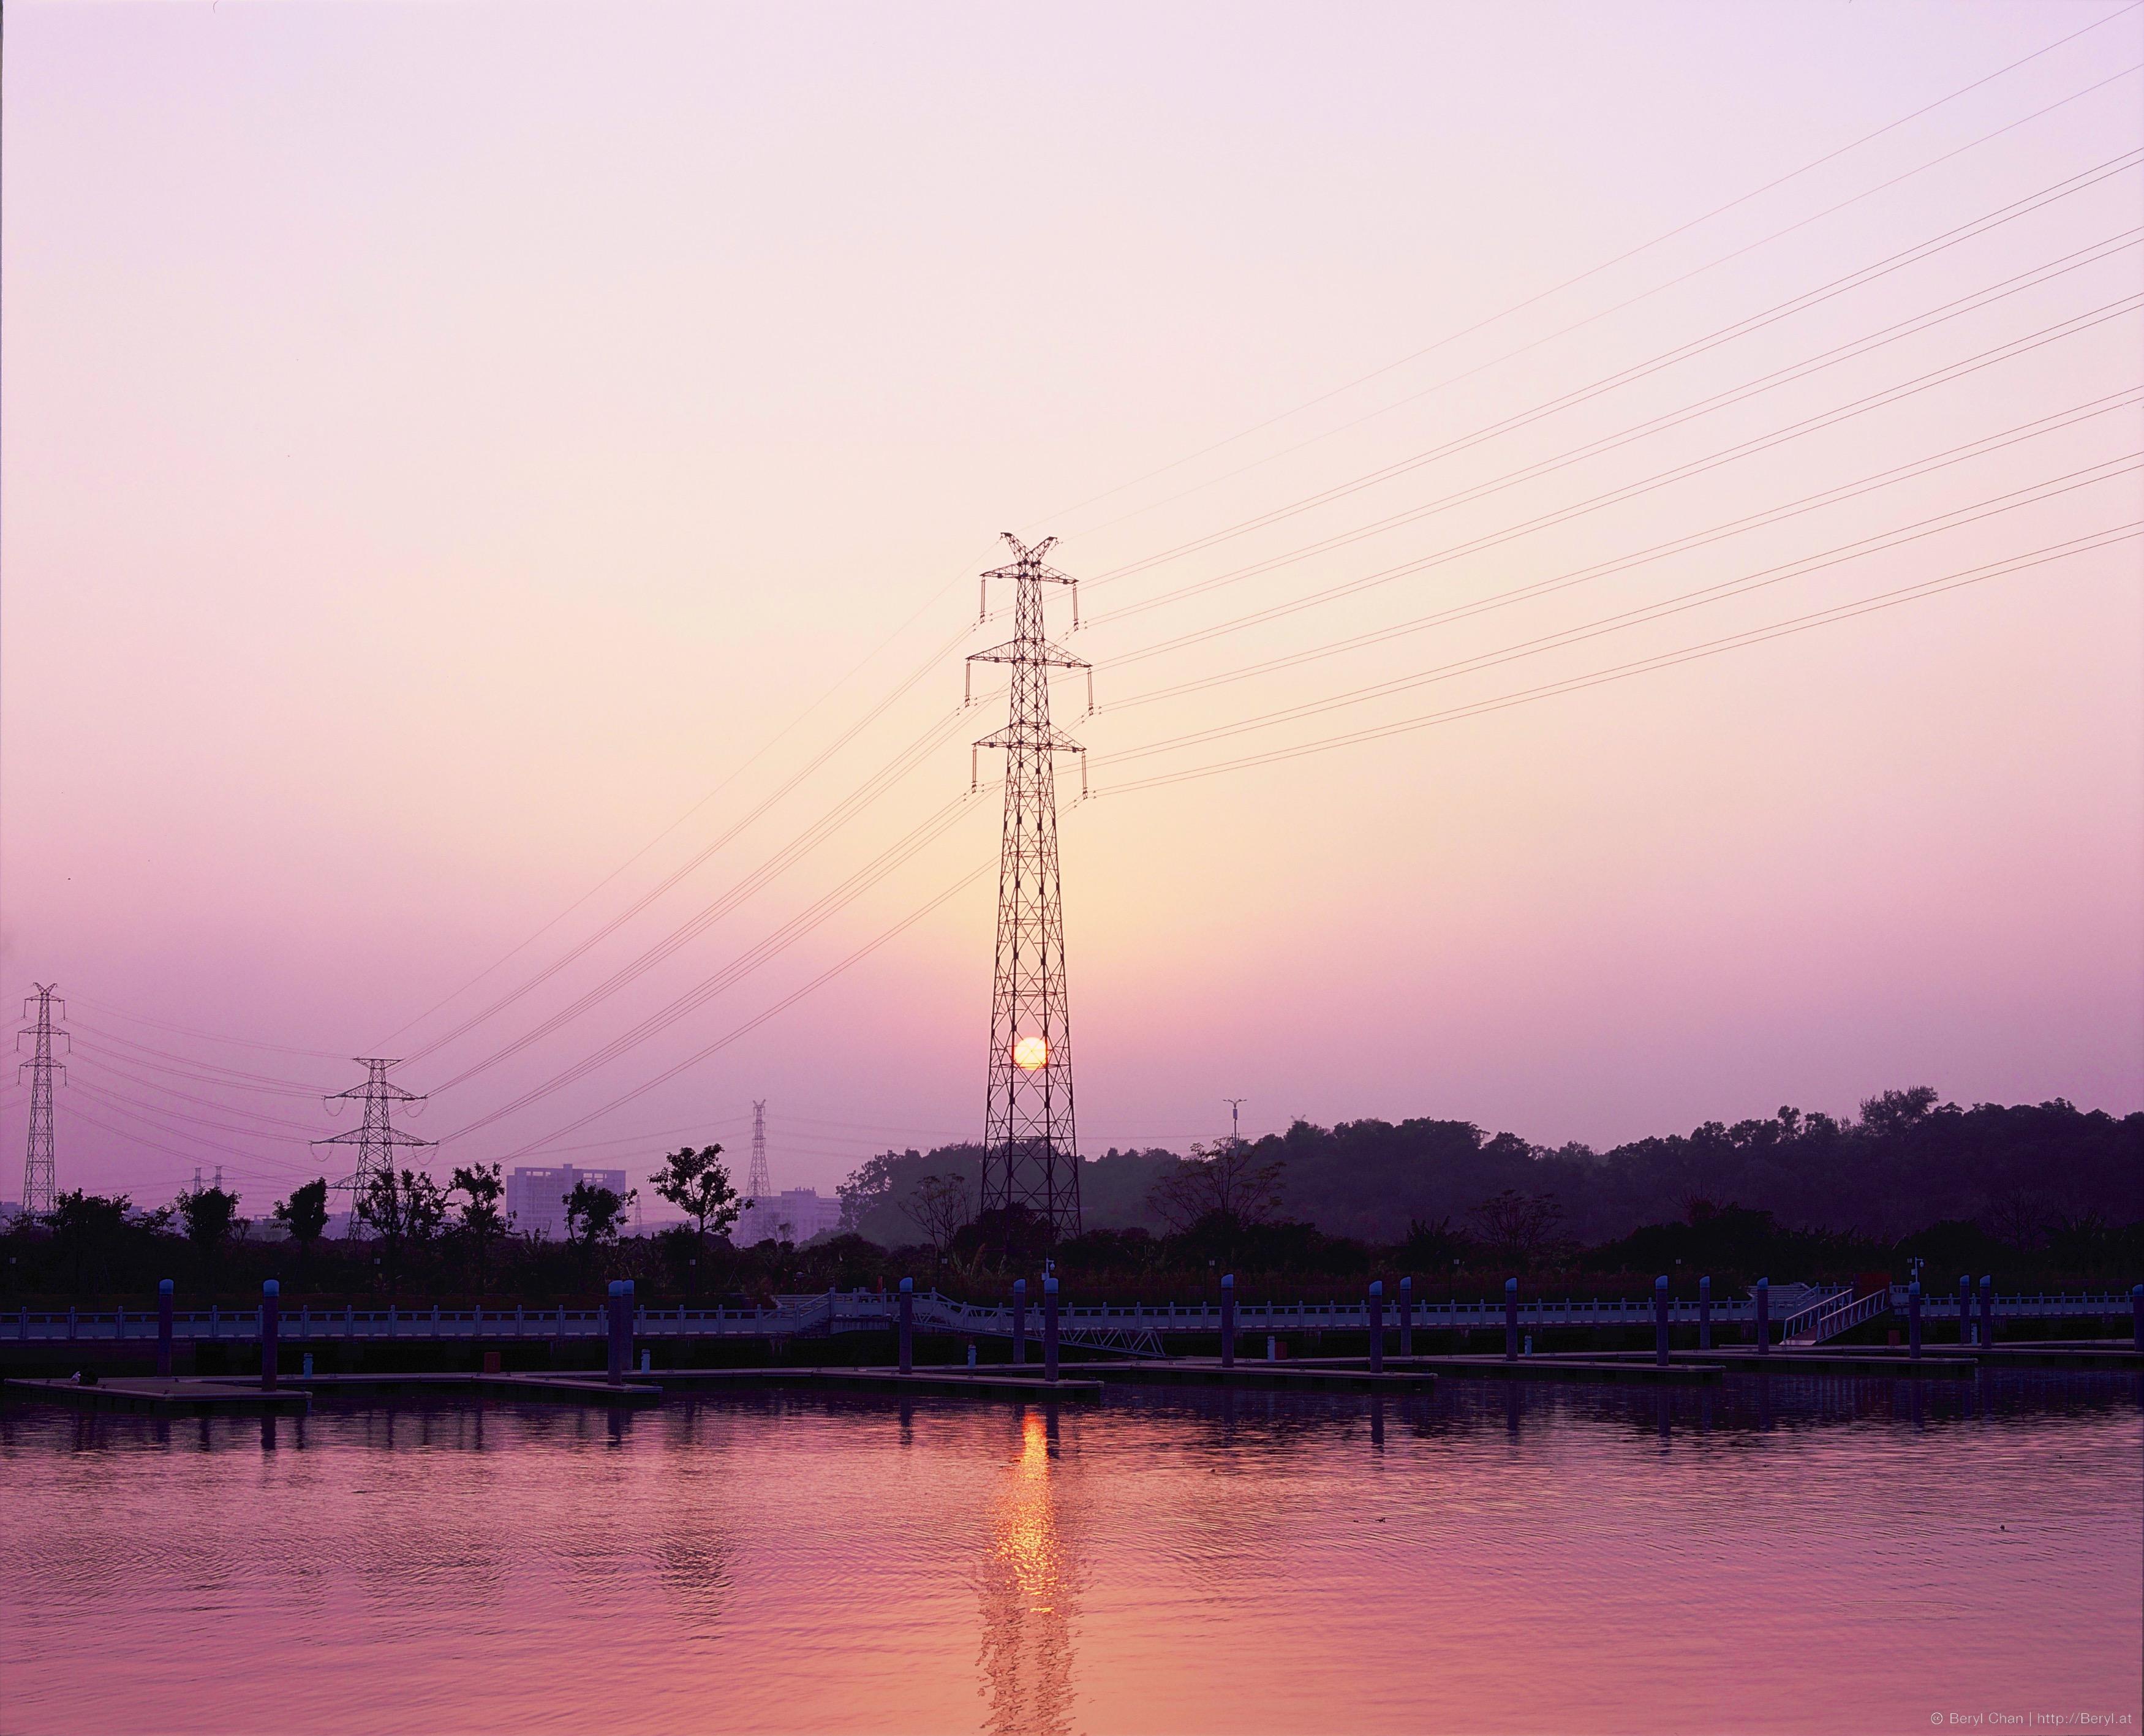 Free Images Landscape Sea Horizon Sunrise Sunset Skyline Vintage Morning Dawn River Film Cityscape Analog Dusk Fujifilm Evening